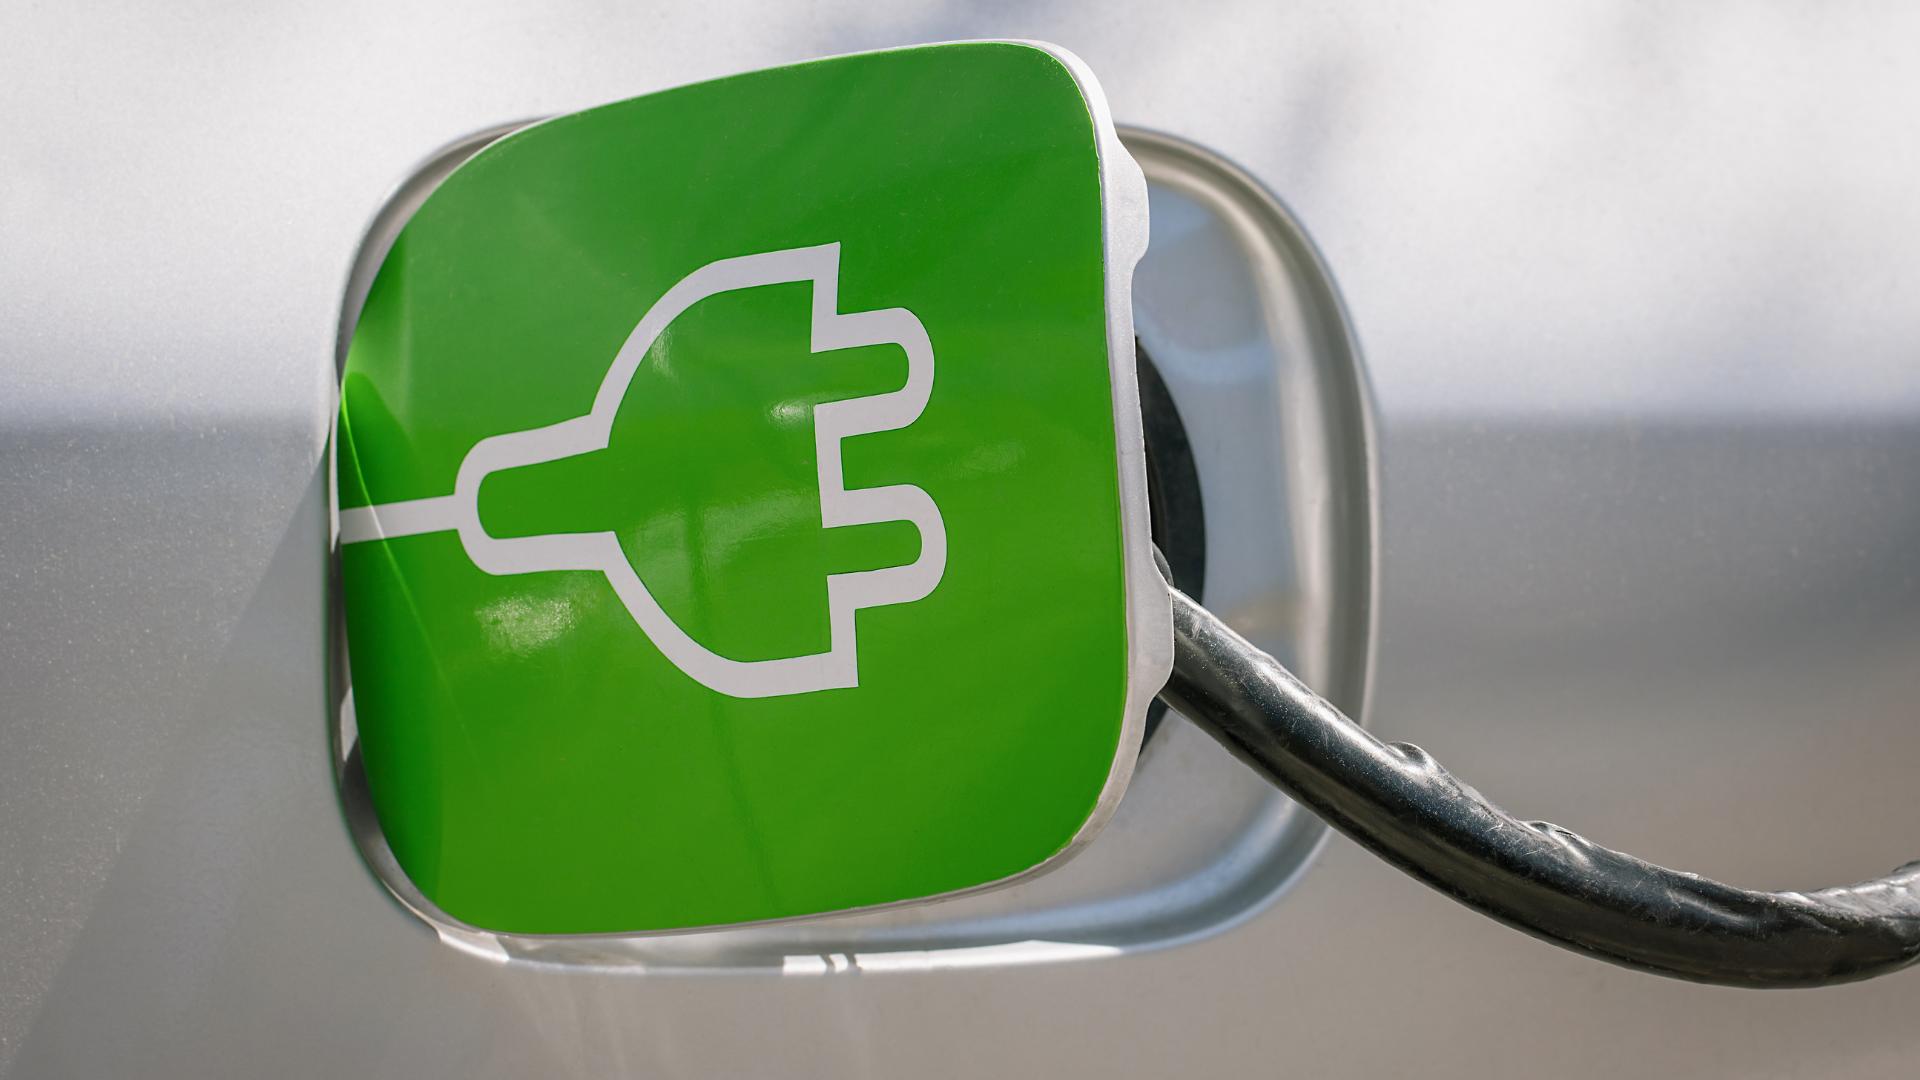 Batterie Auto Elettriche: Entro il 2025 l'Europa Sarà Autosufficiente